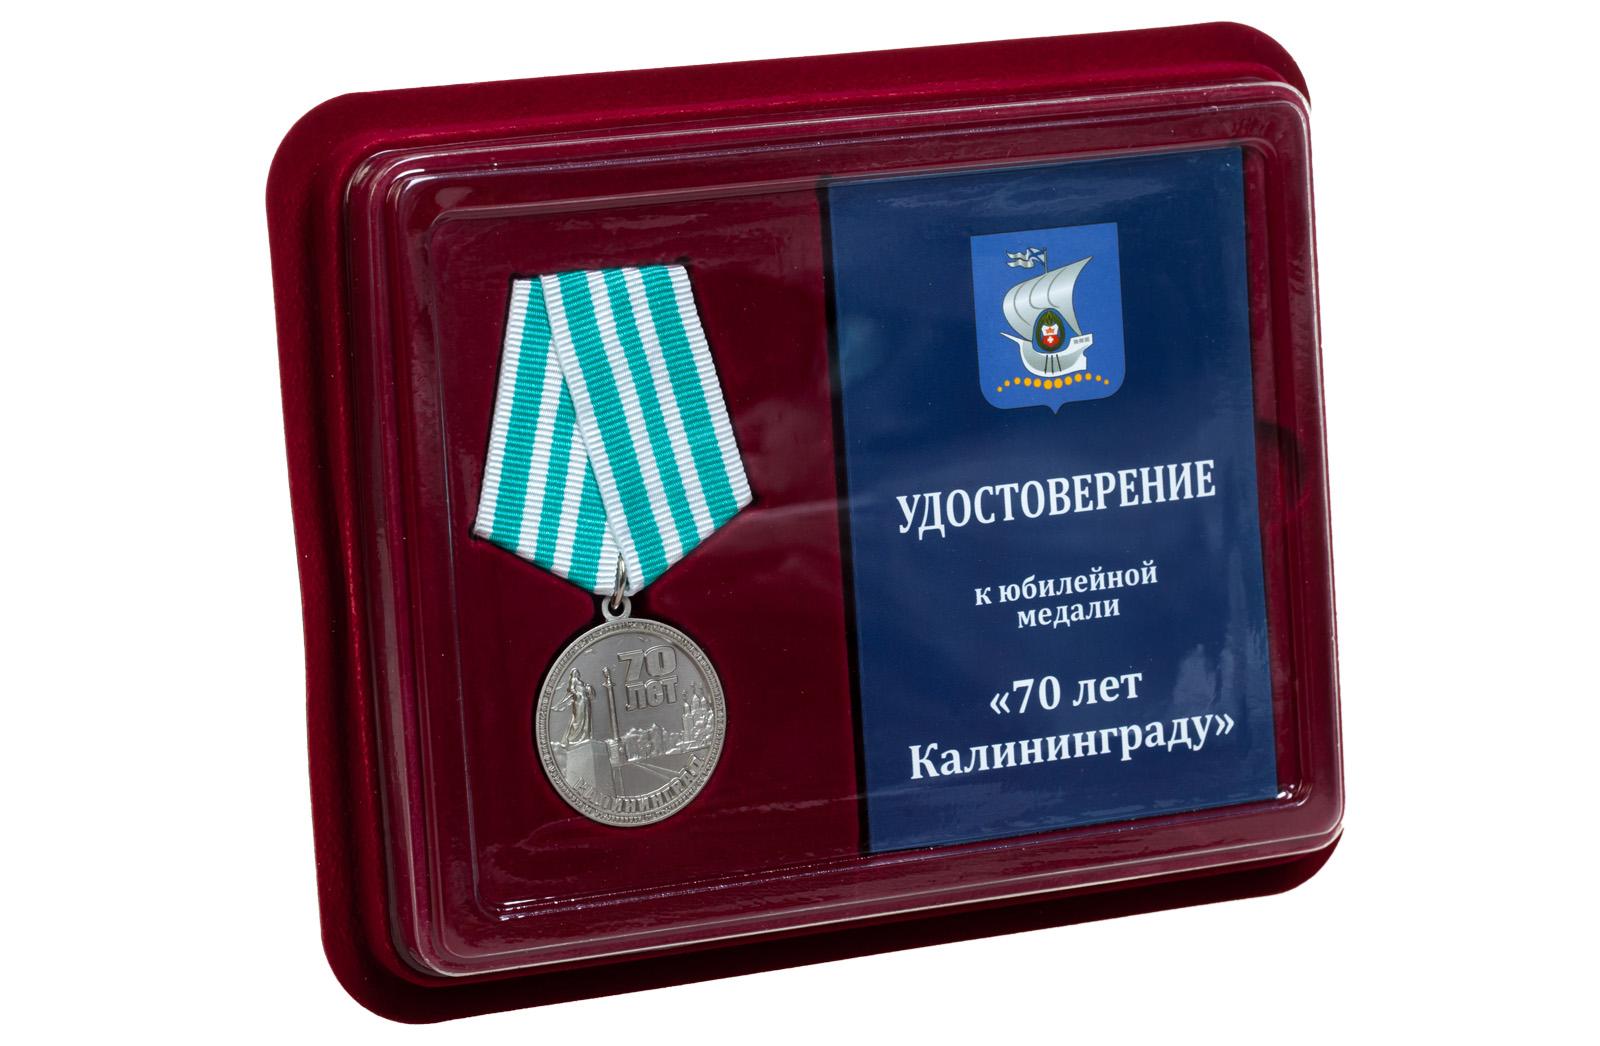 Памятная медаль 70 лет Калининграду - в футляре с удостоверением